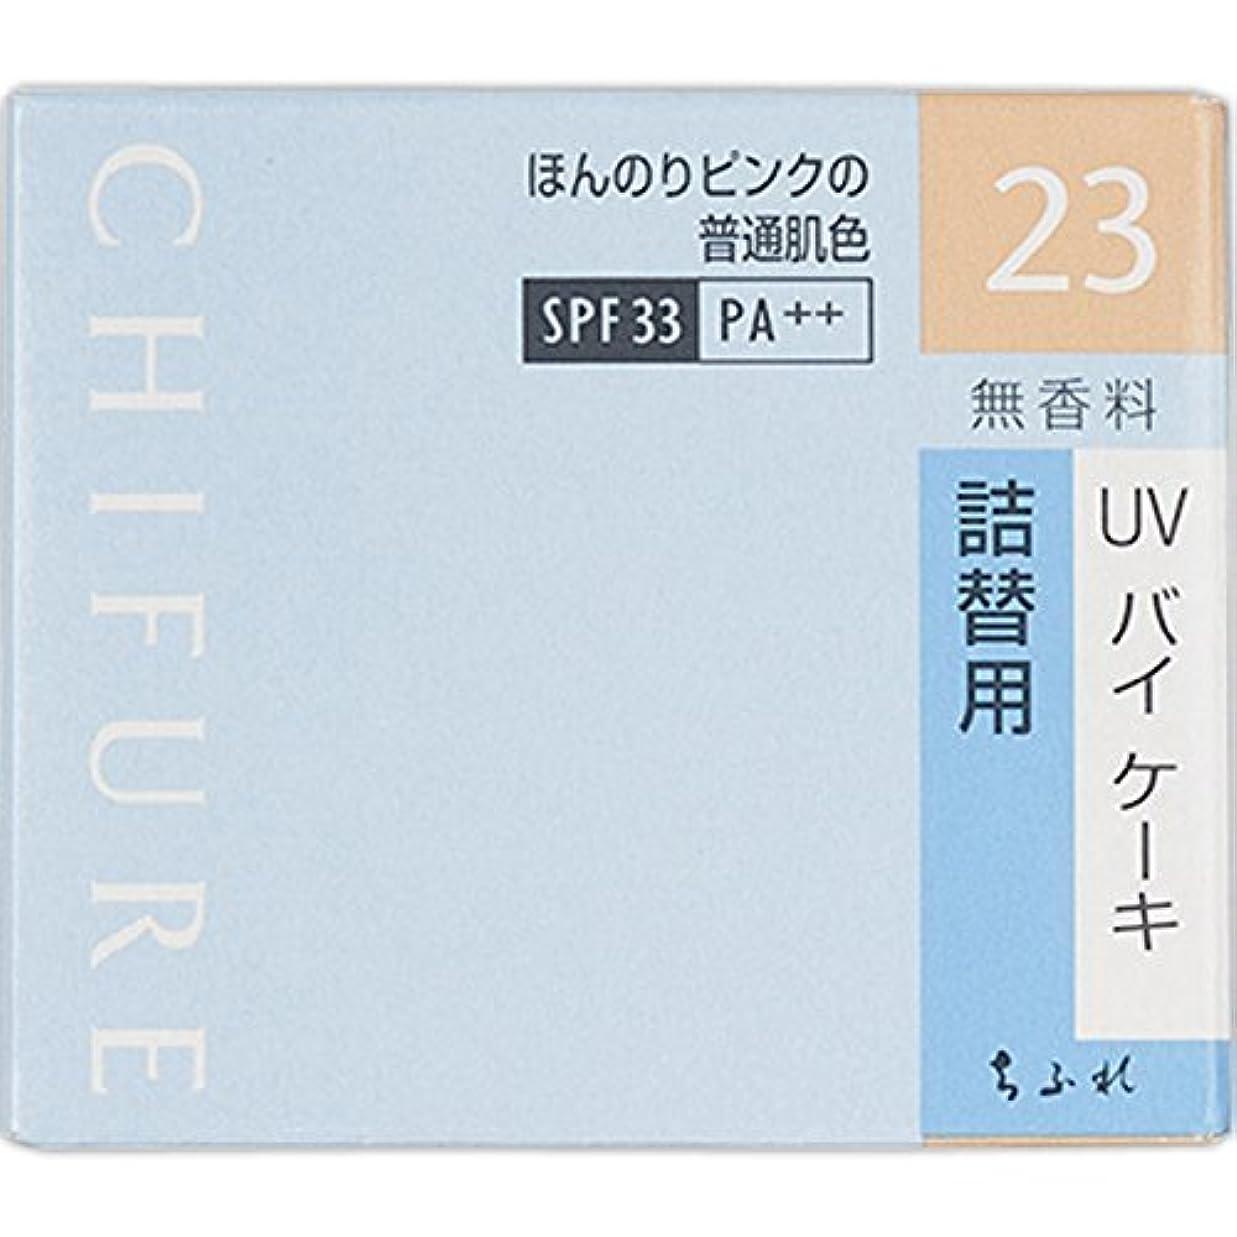 手綱宮殿テレビちふれ化粧品 UV バイ ケーキ 詰替用 23 ほんのりピンク普通肌色 14g